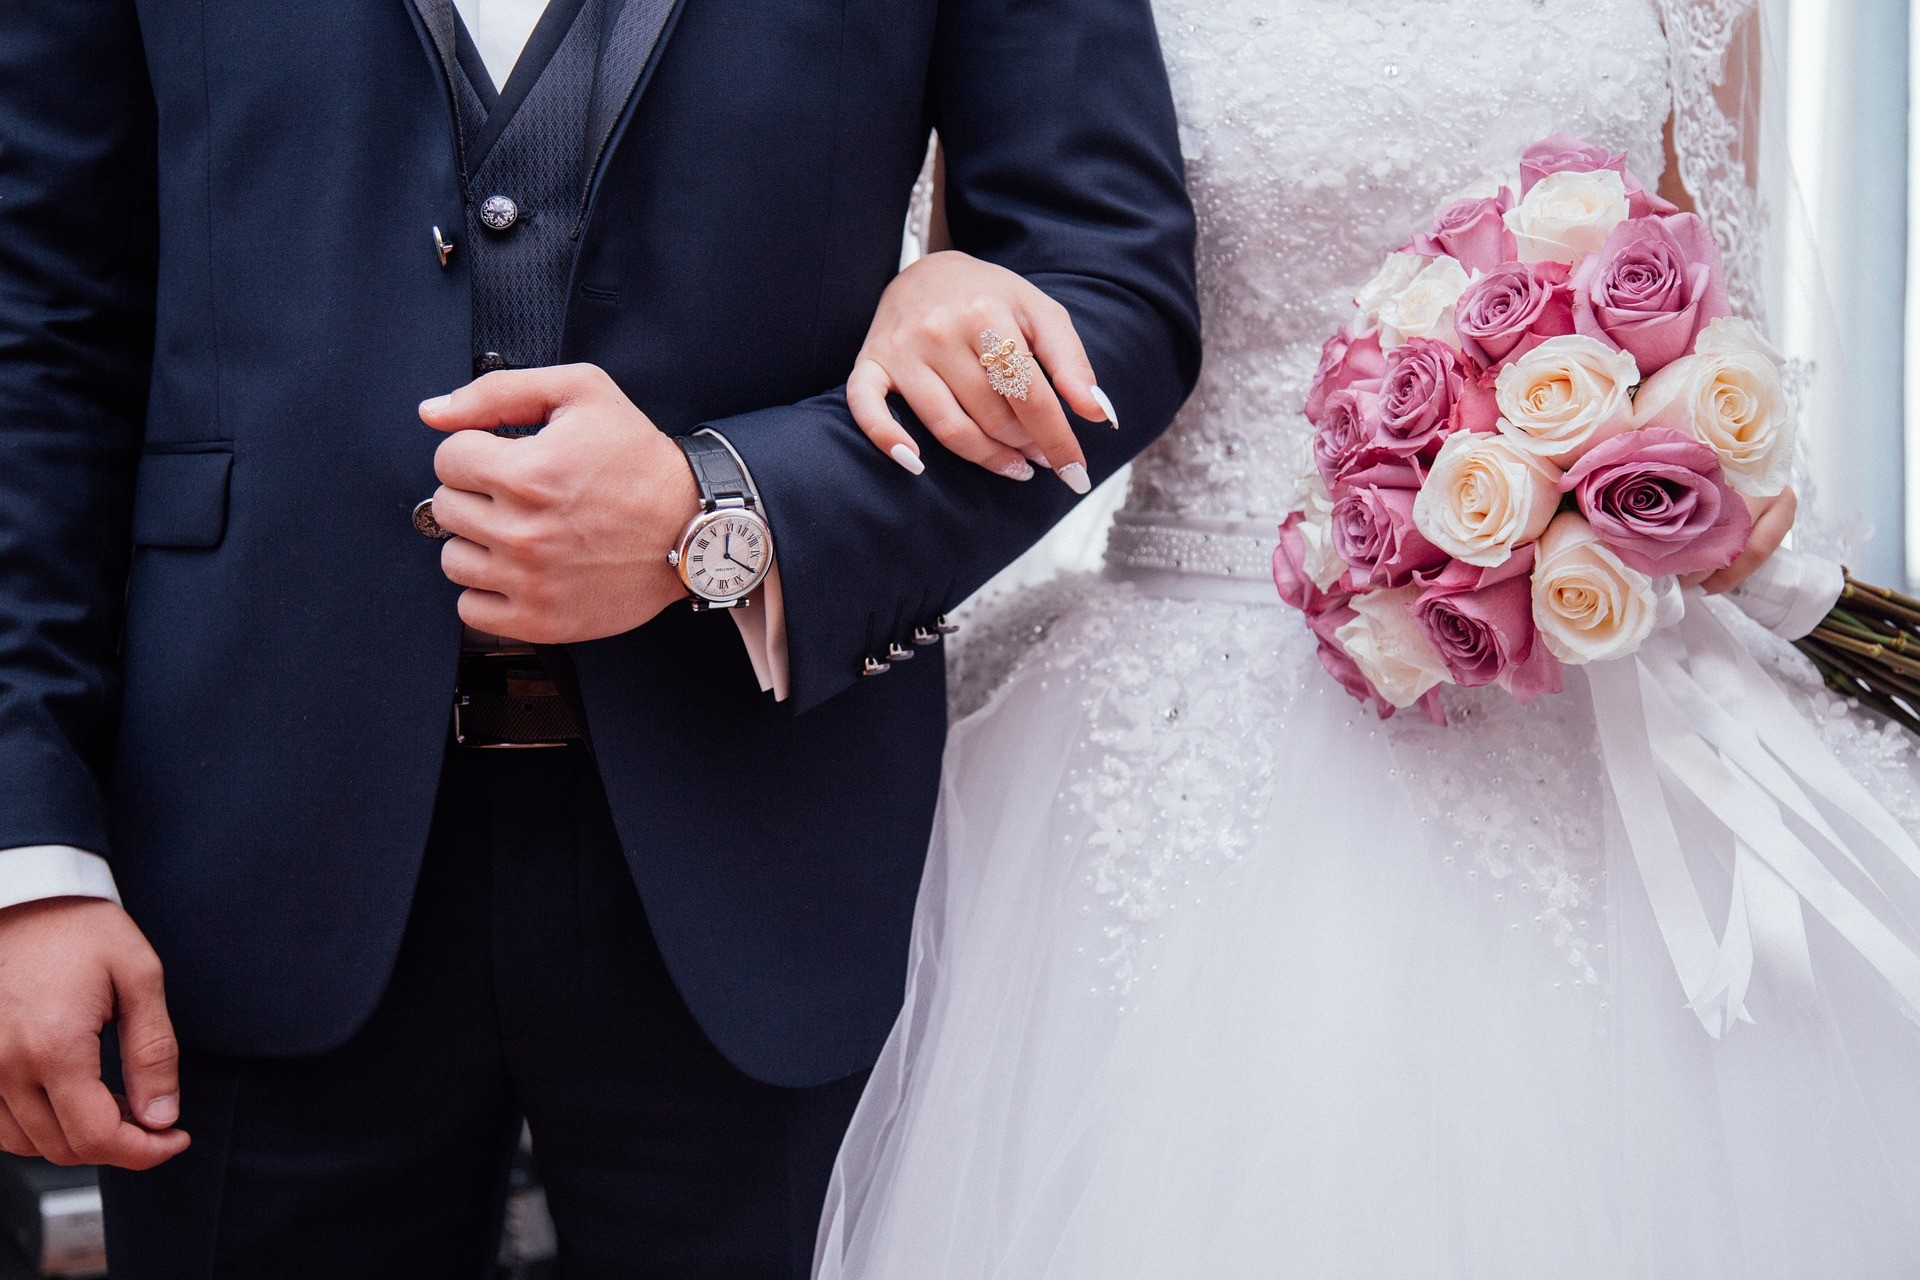 ▲▼ 結婚。(圖/取自免費圖庫Pixabay)